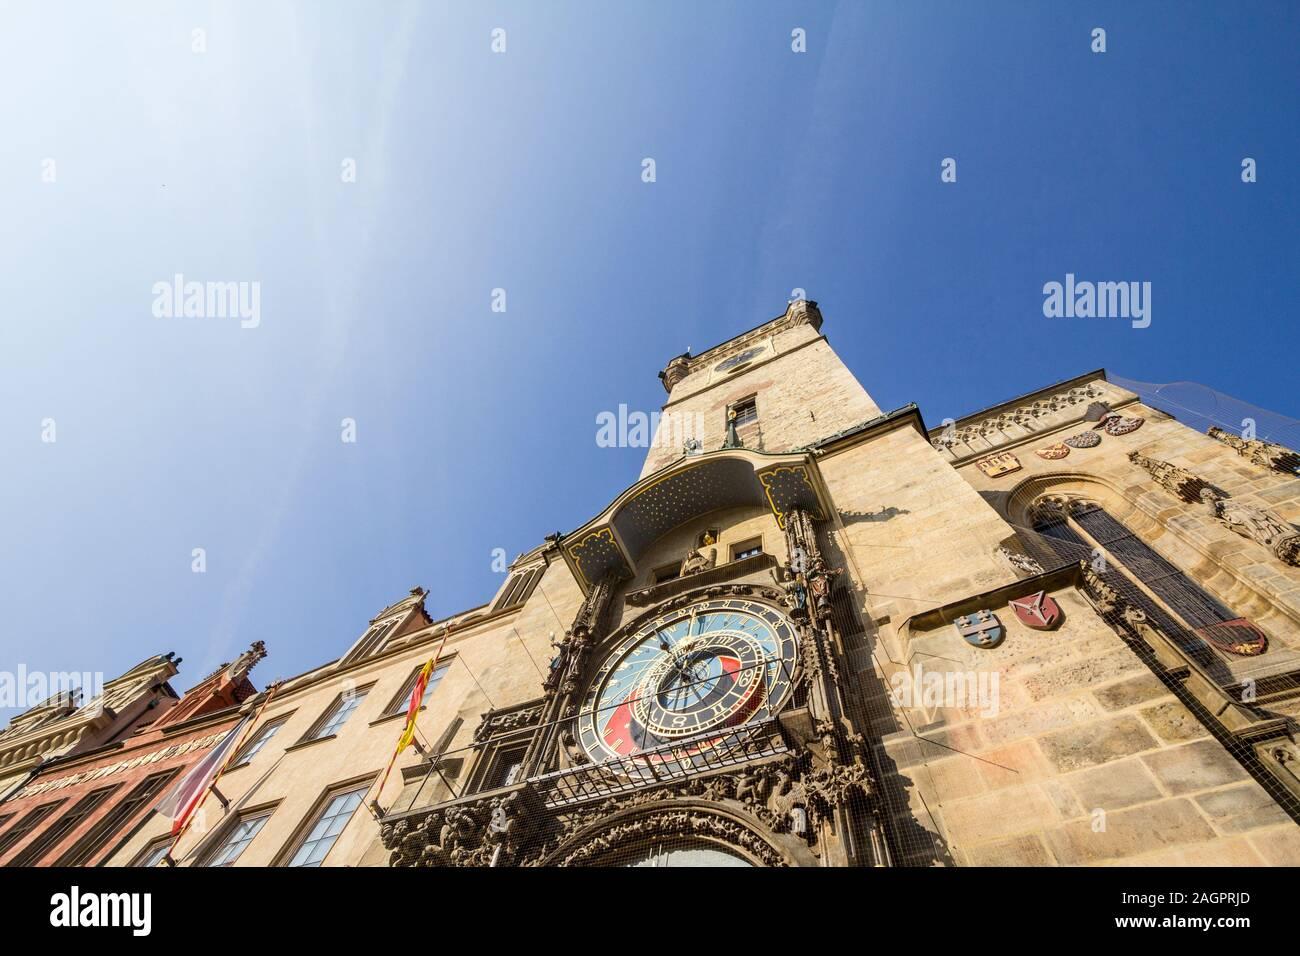 Reloj Astronómico de Praga (Prazsky orloj) en la pantalla en el viejo Ayuntamiento (Radnice Staromestska) de Praga, República Checa. es un icónico touristic Foto de stock